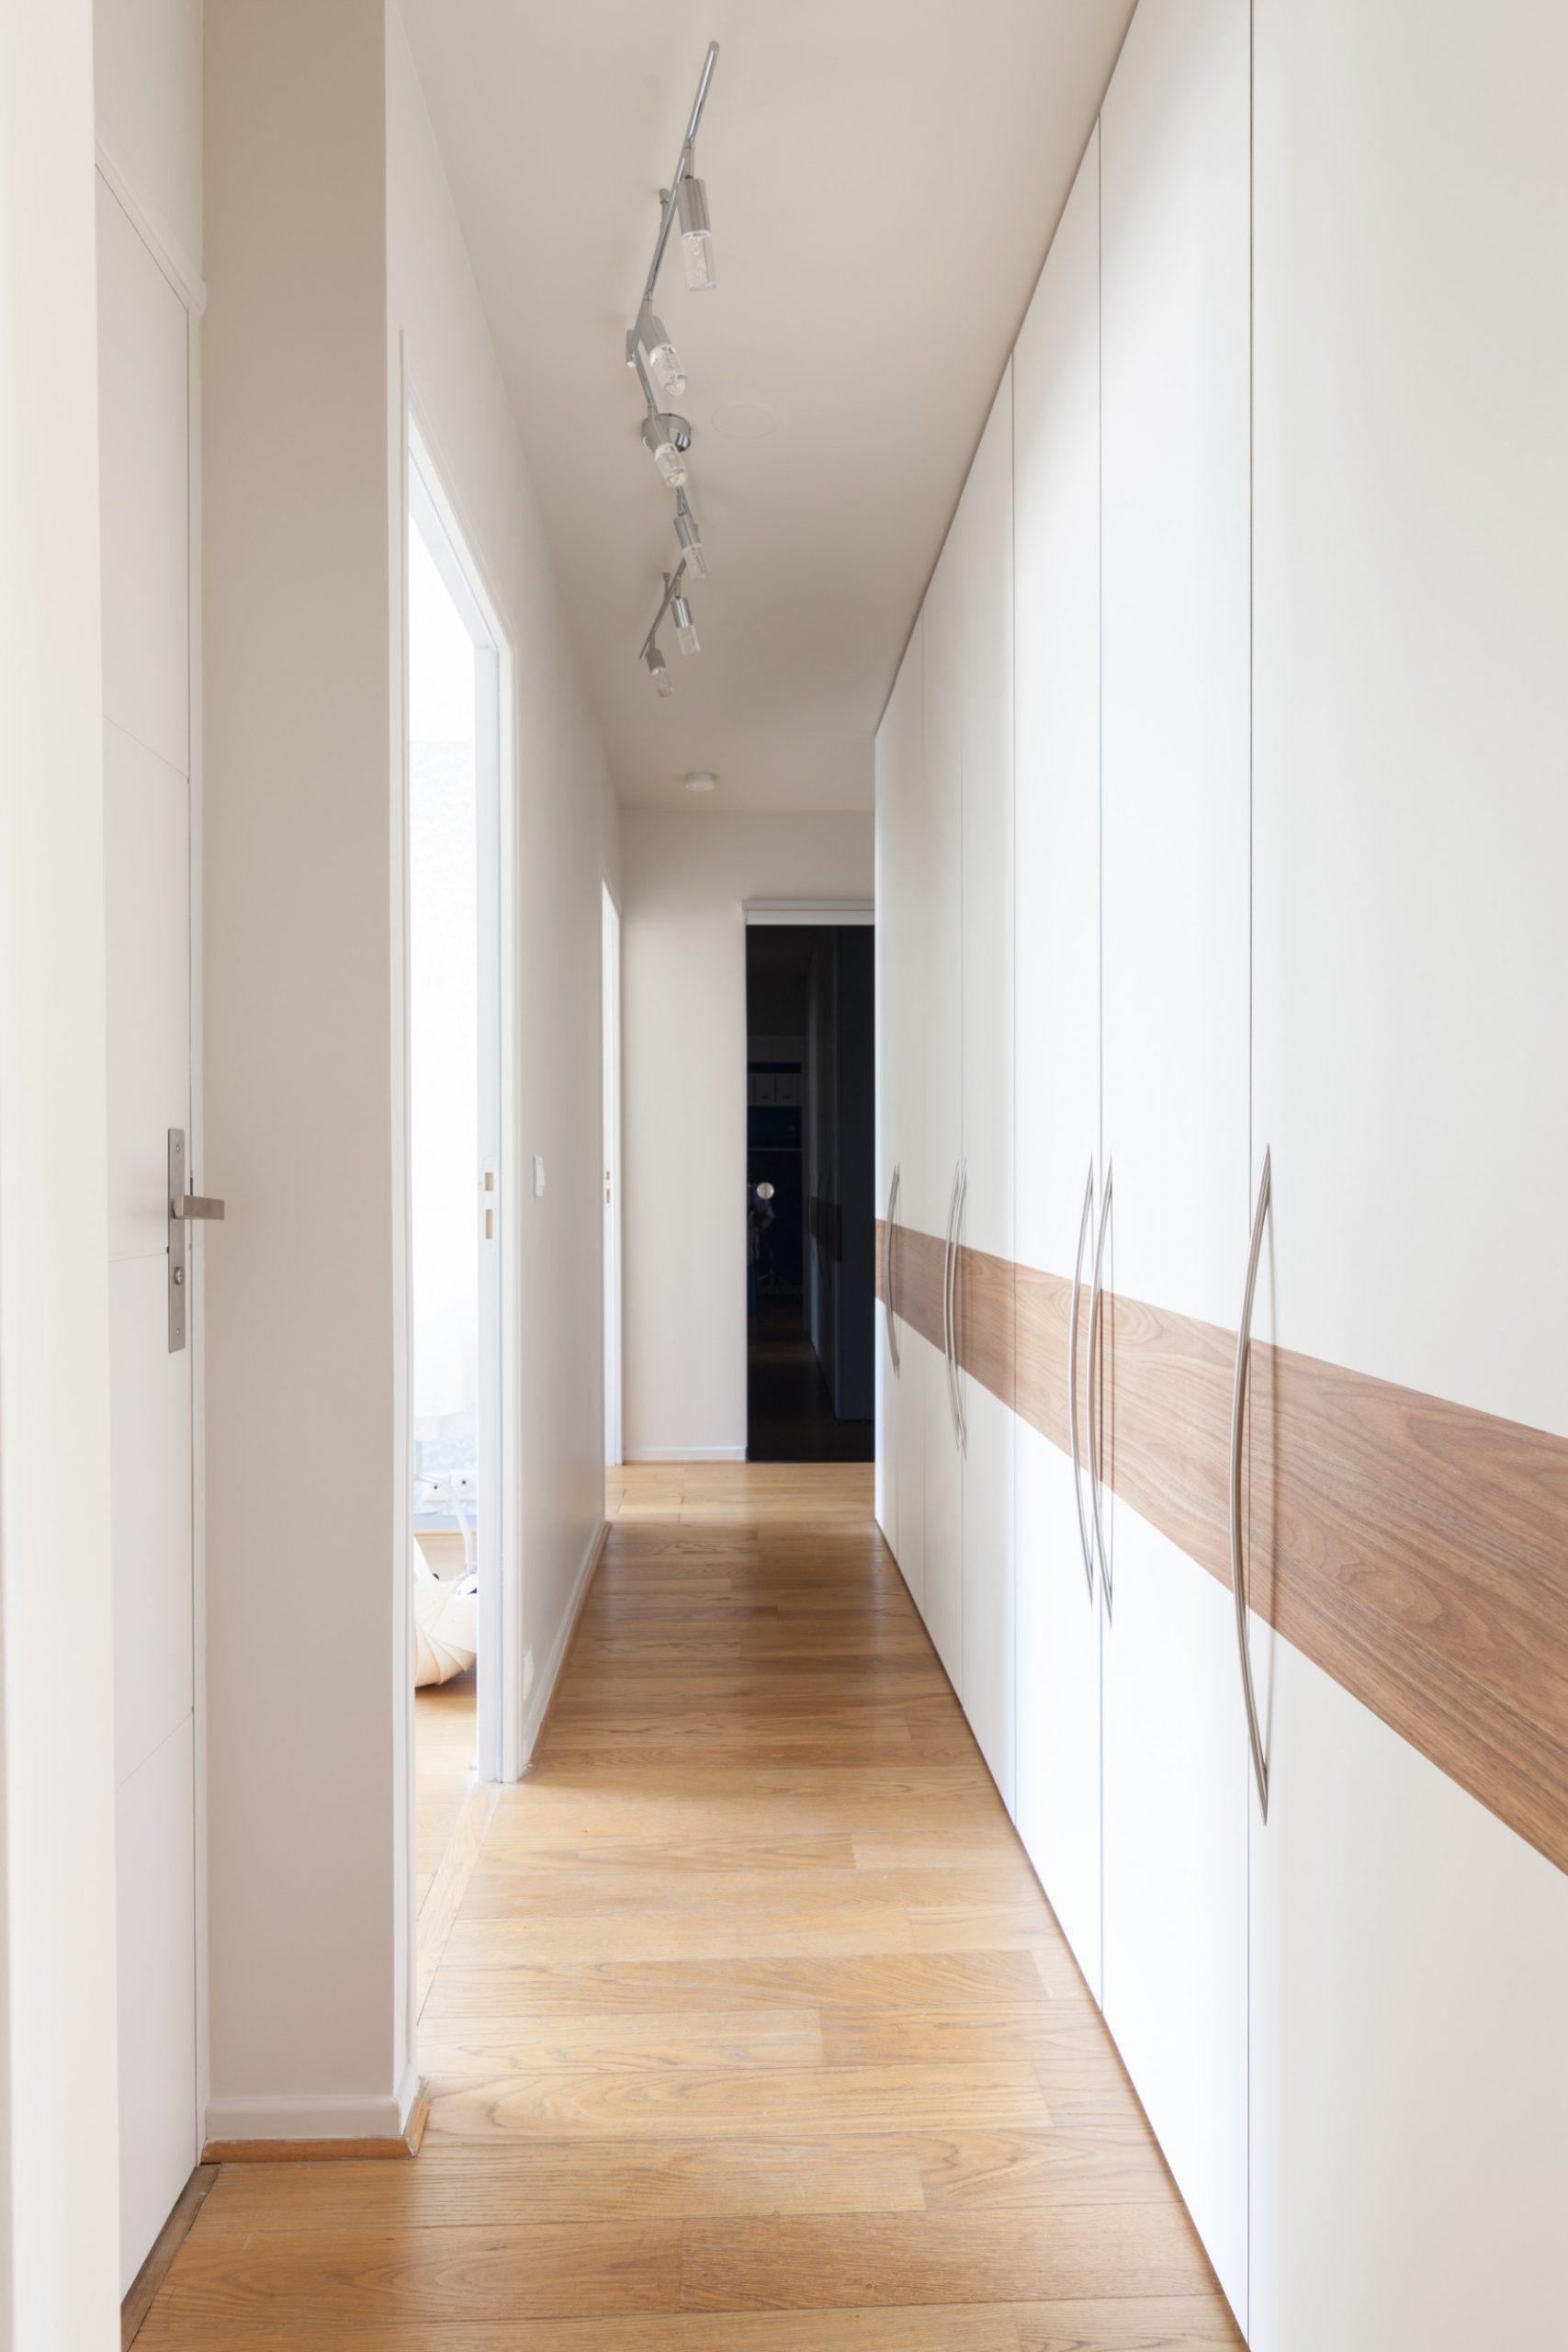 Rénovation à Paris, un appartement à refaire grâce à un concours Archibien